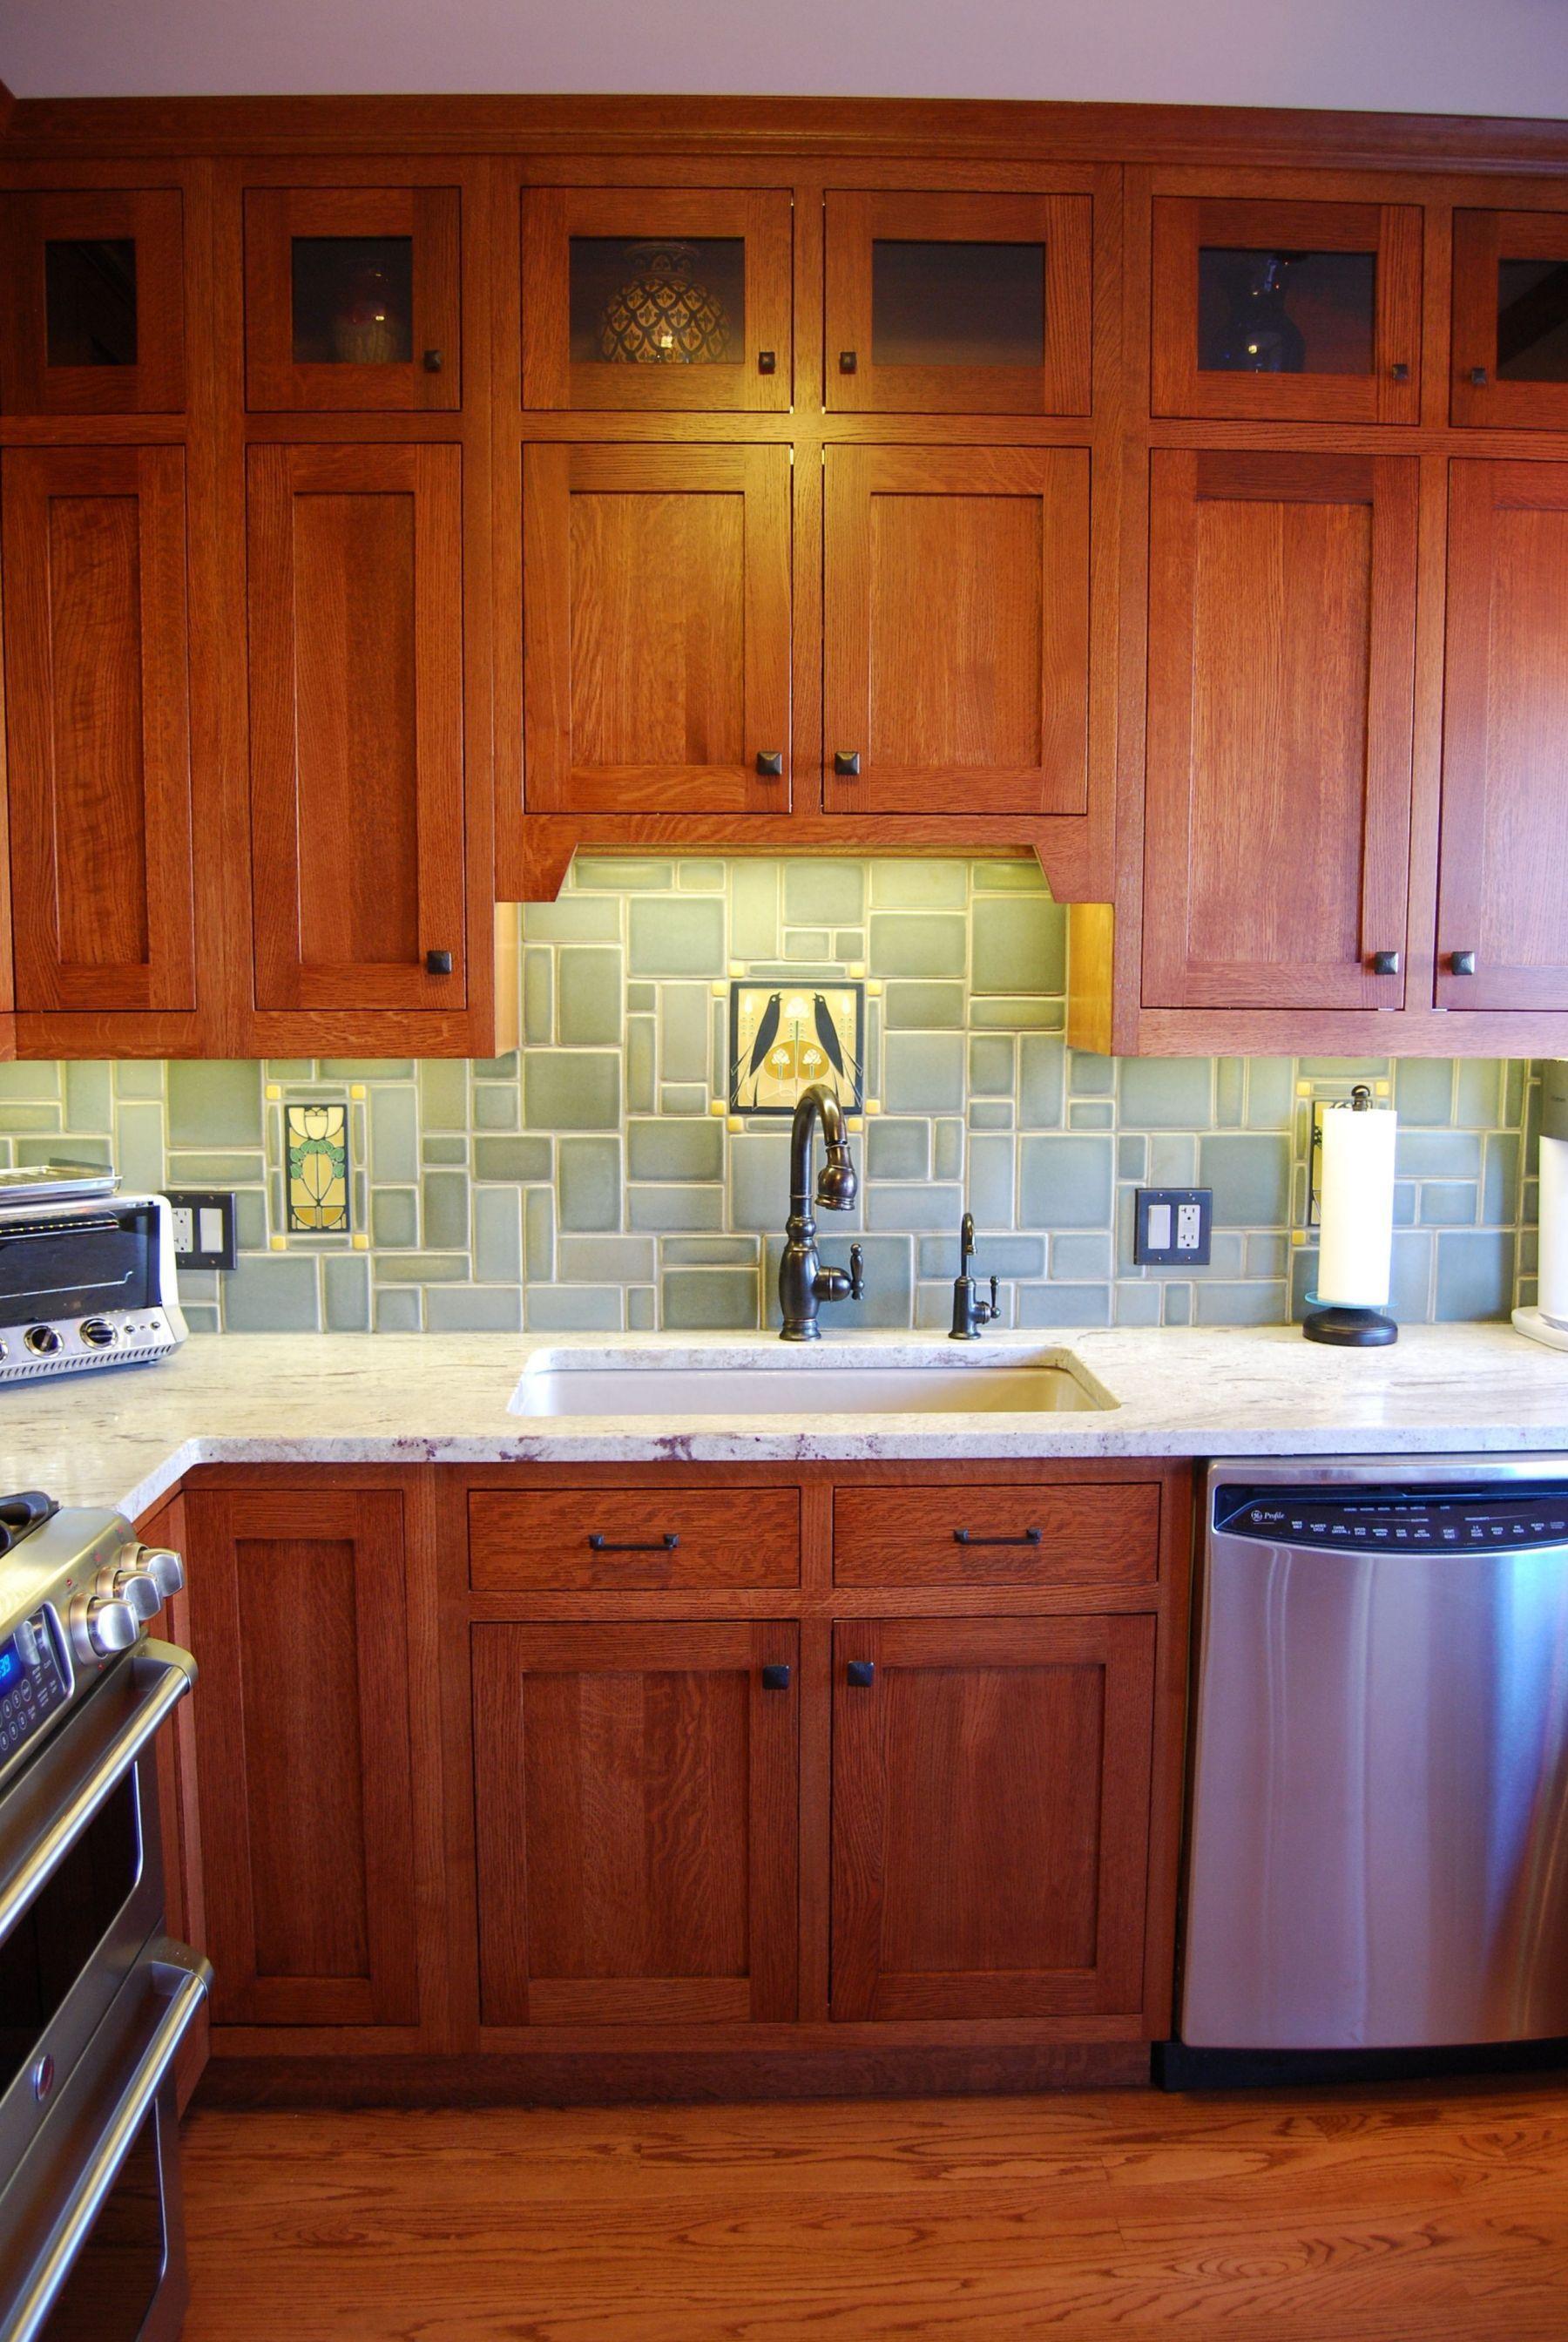 Custom Kitchen Cabinets Design Craftsman Kitchen Cabinets New Kitchen Cabinets Kitchen Cab In 2020 Kitchen Renovation Kitchen Cabinet Design Craftsman Kitchen